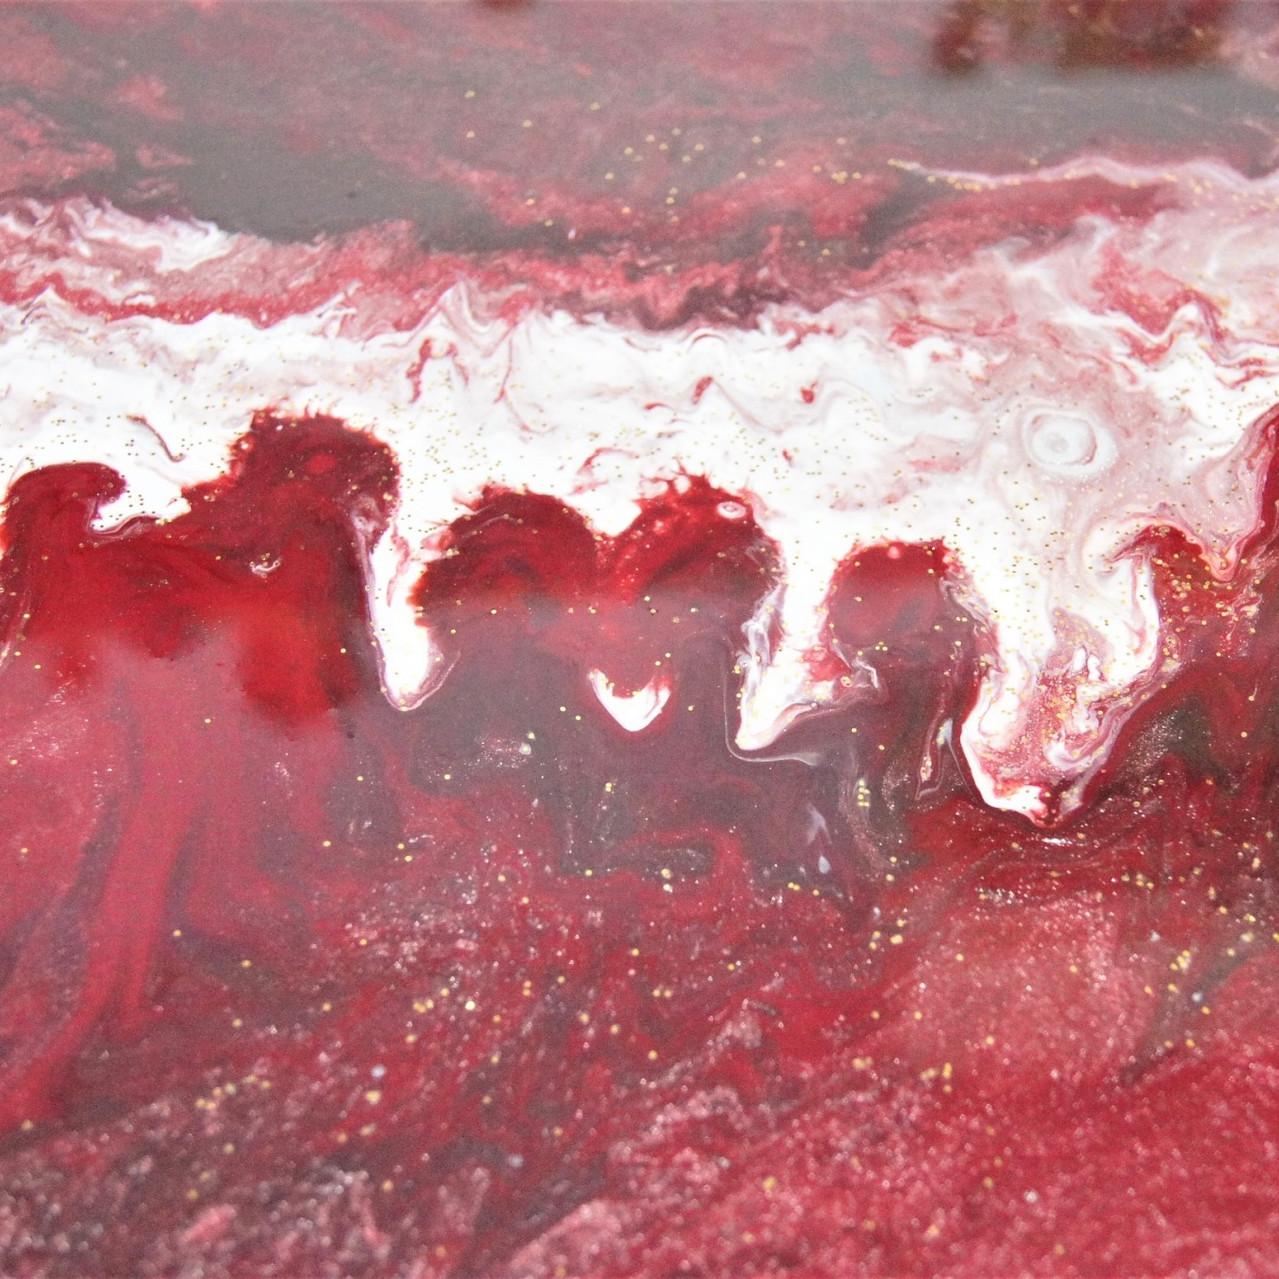 โต๊ะหินอ่อนแดง-ดำ_๒๐๐๖๒๕_0003